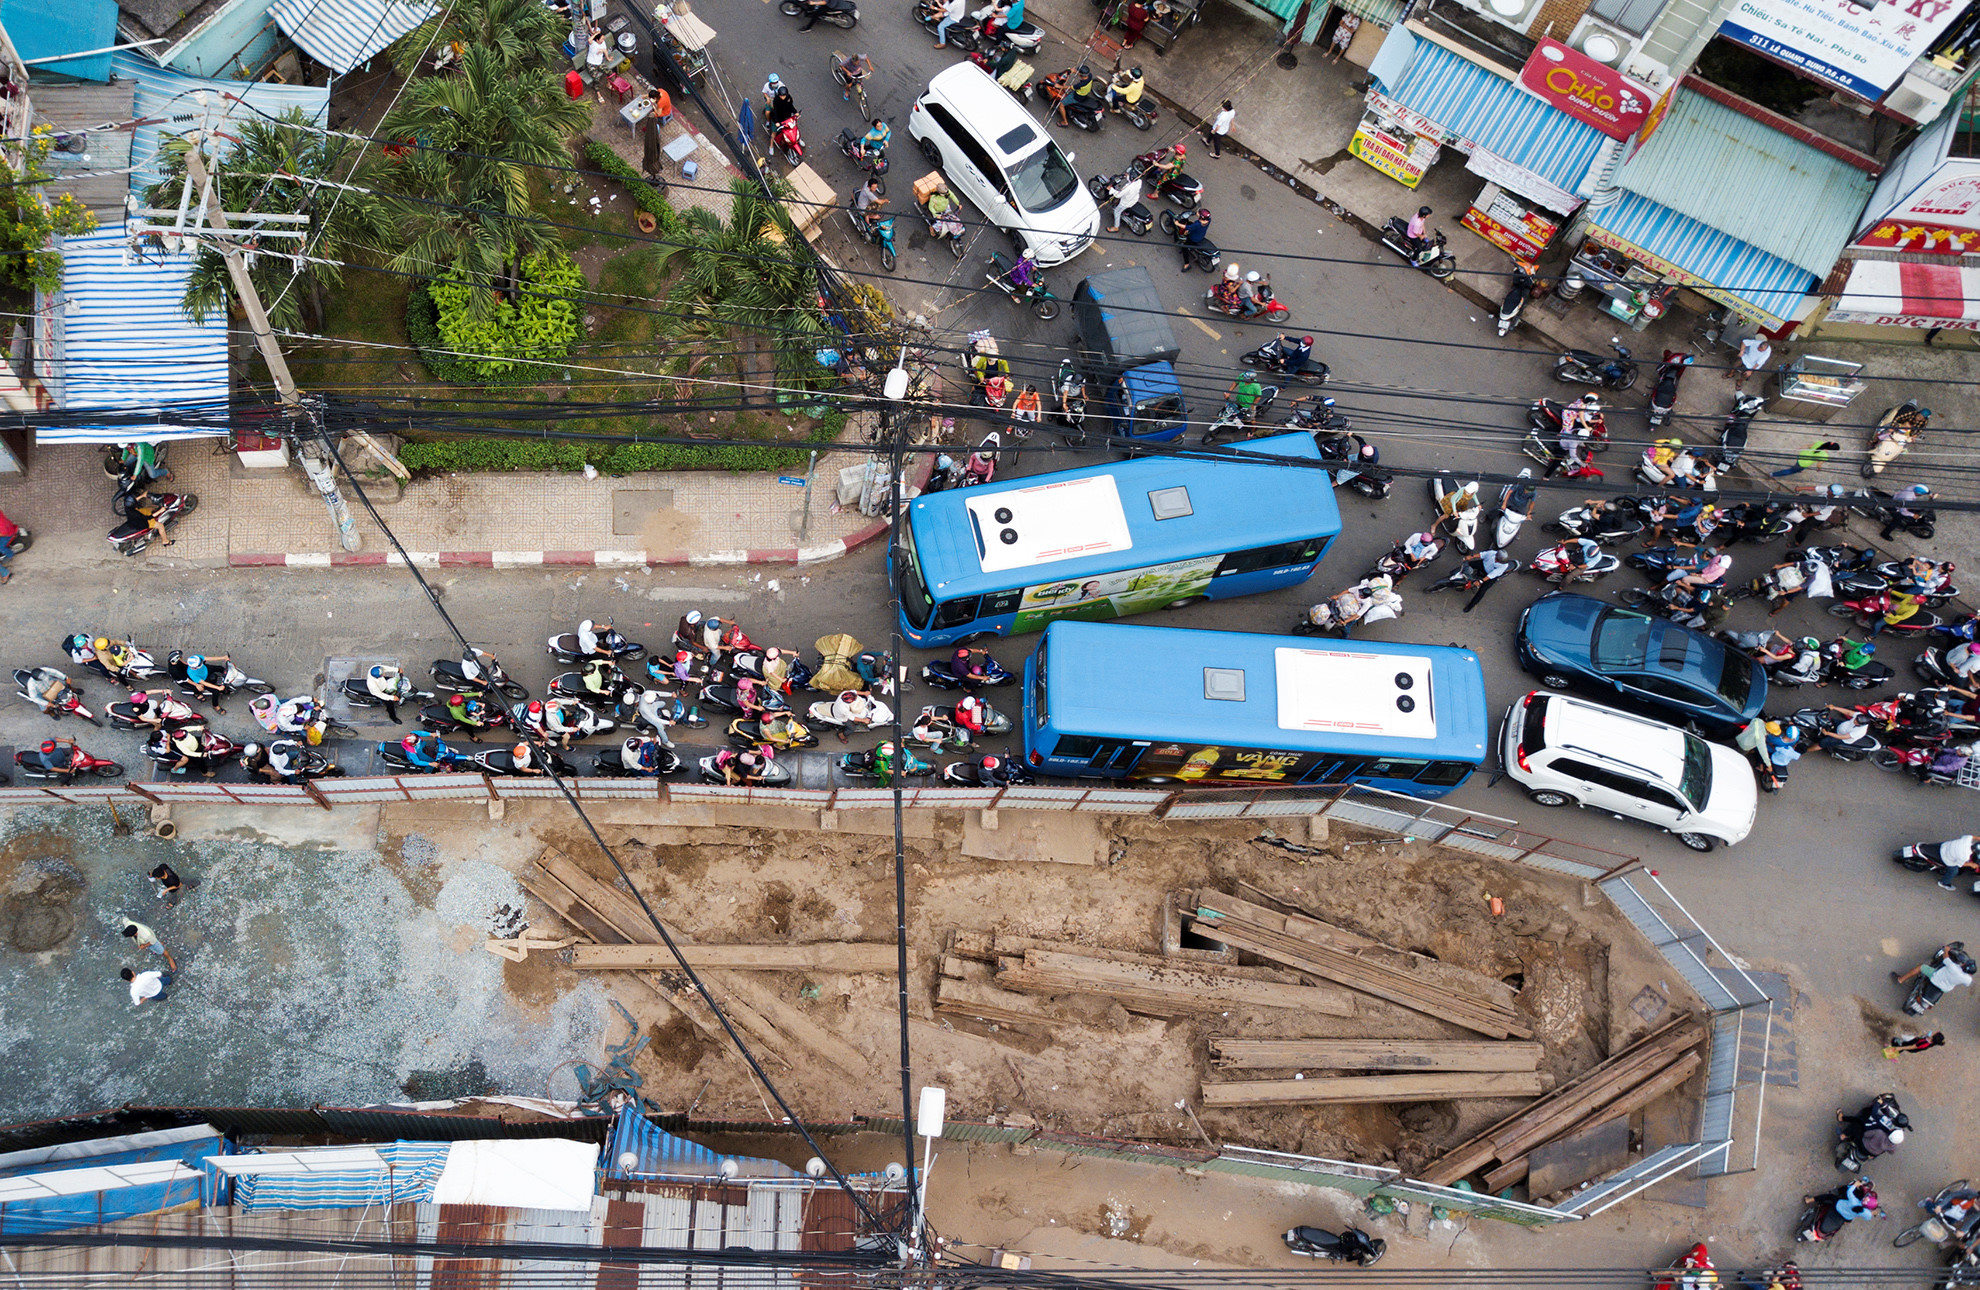 Cuối năm, lô cốt lại mọc lên khắp đường Sài Gòn Ảnh 1